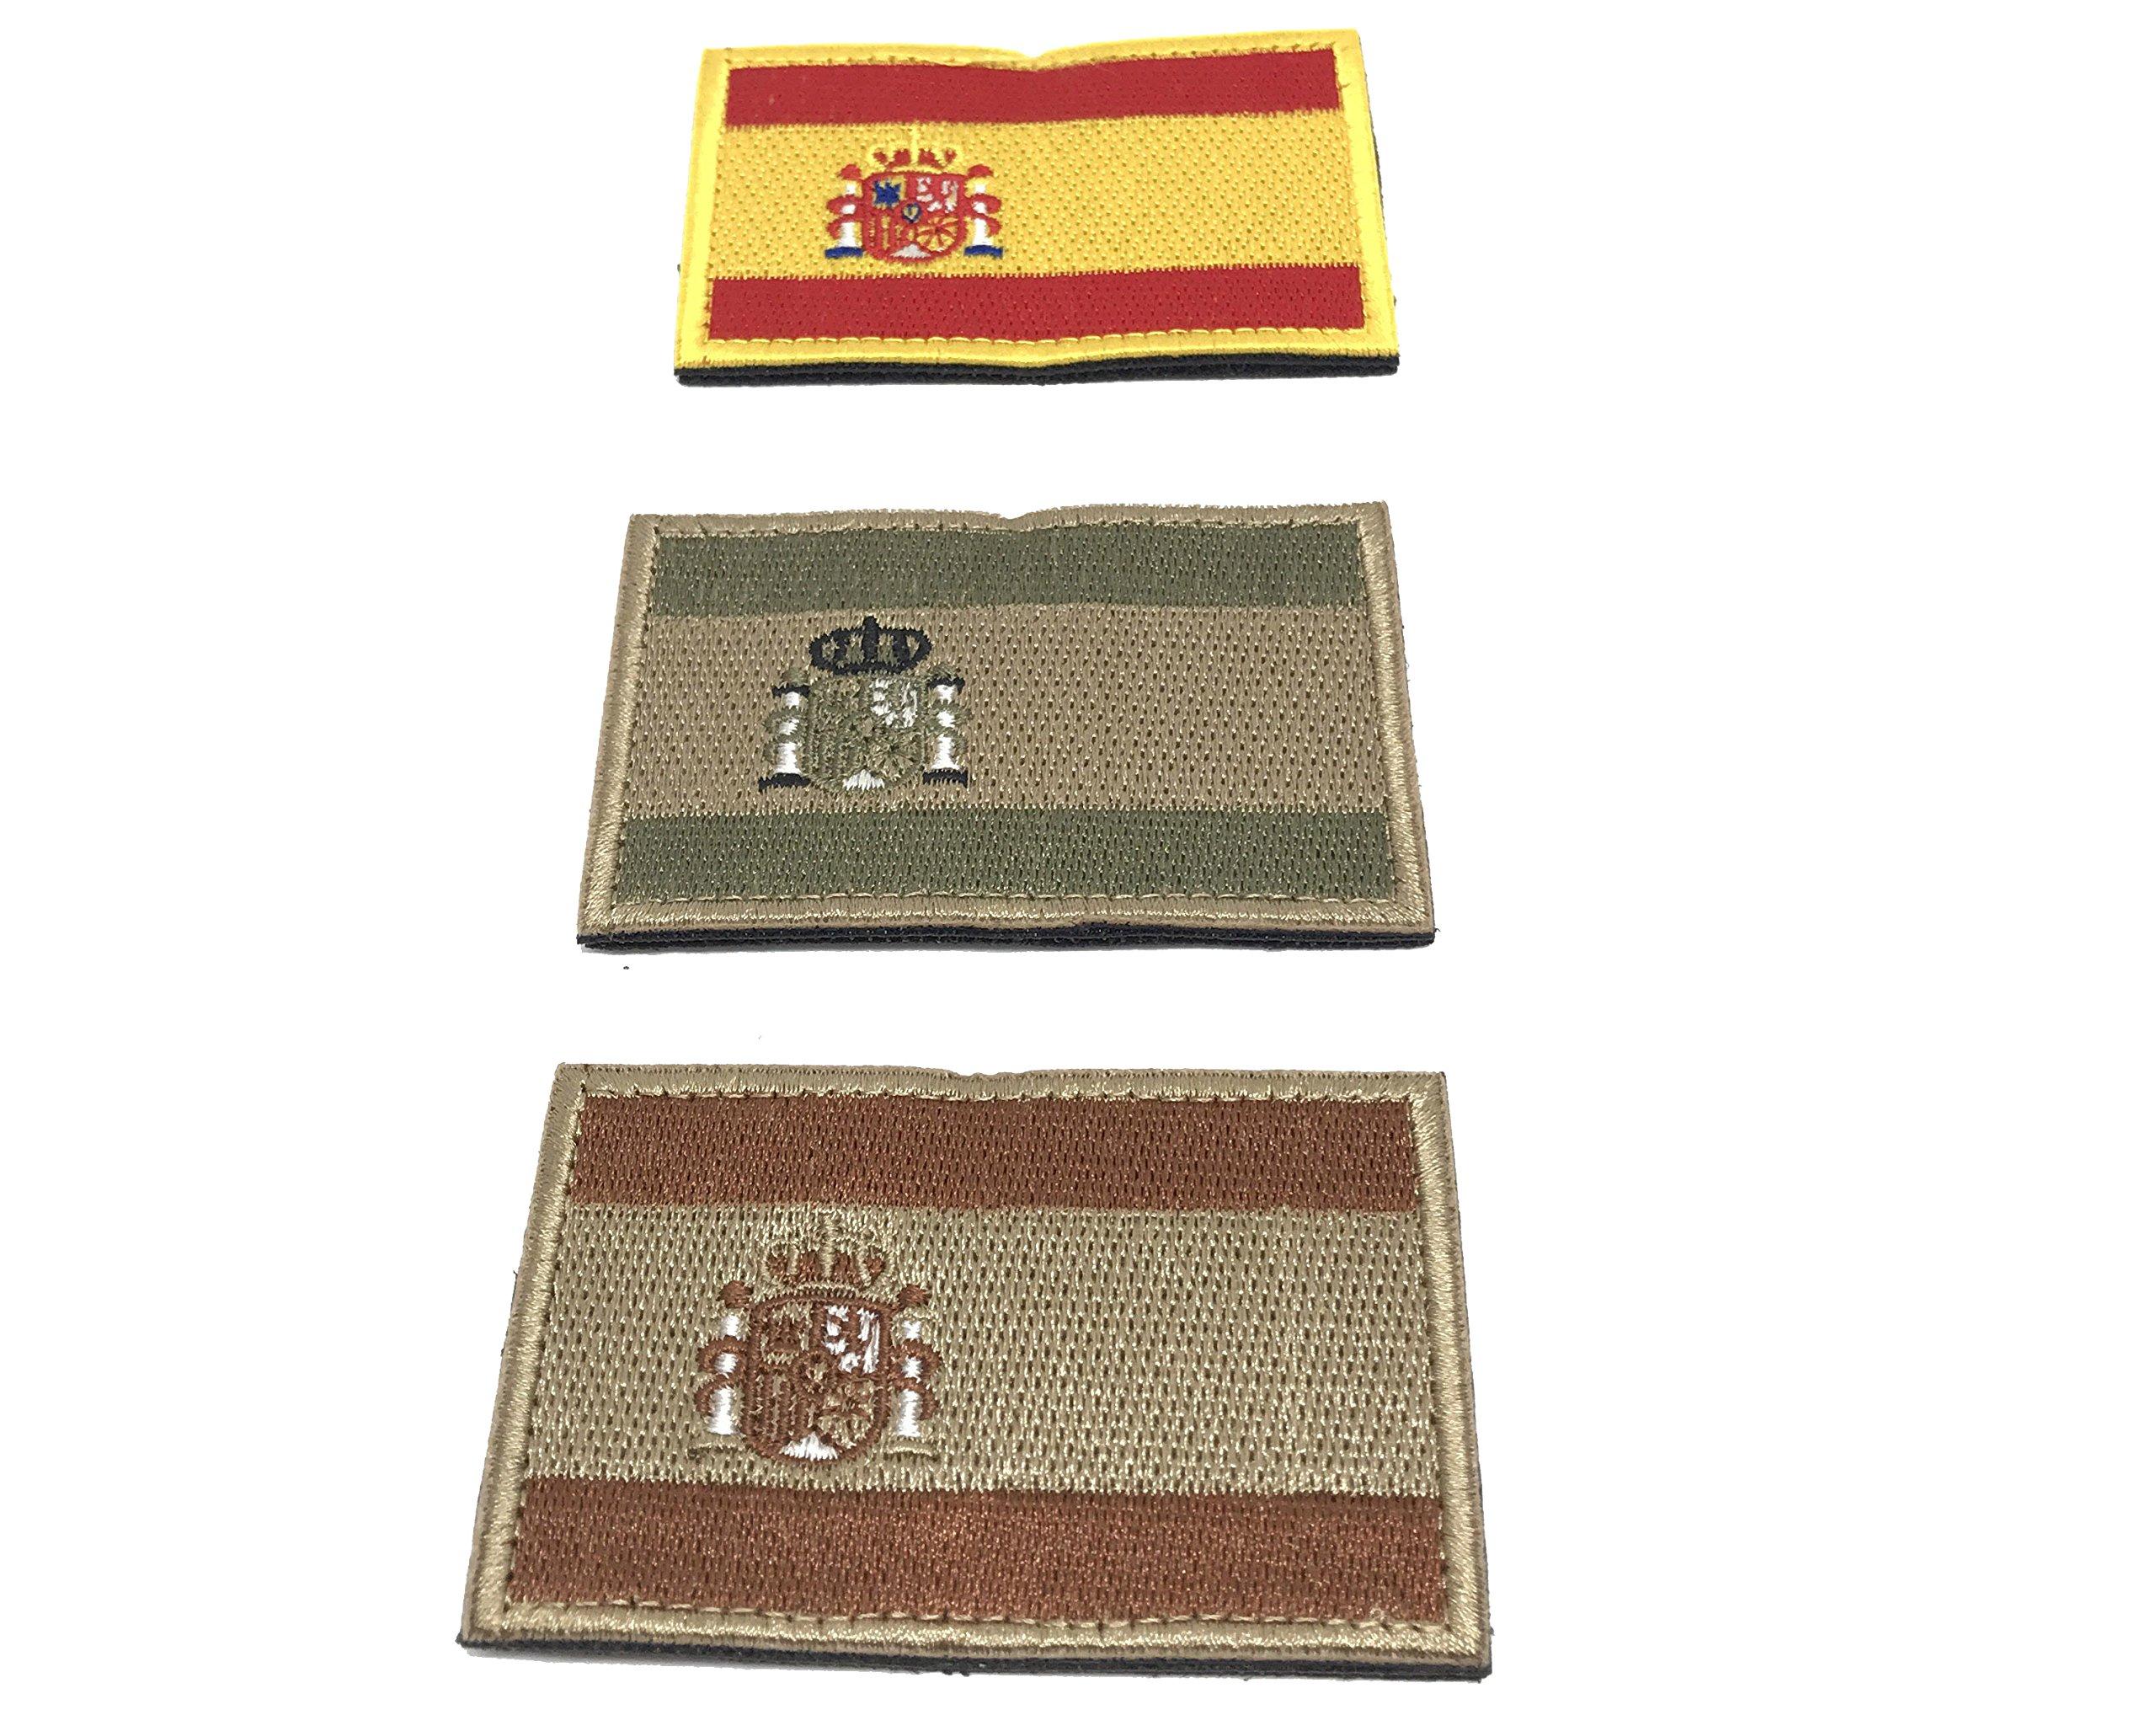 Kit 3 x Parches España Velcro x España Bandera Táctico bandera con velcro podría ser pegado a la ropa, chaleco, gorra, mochila Directamente